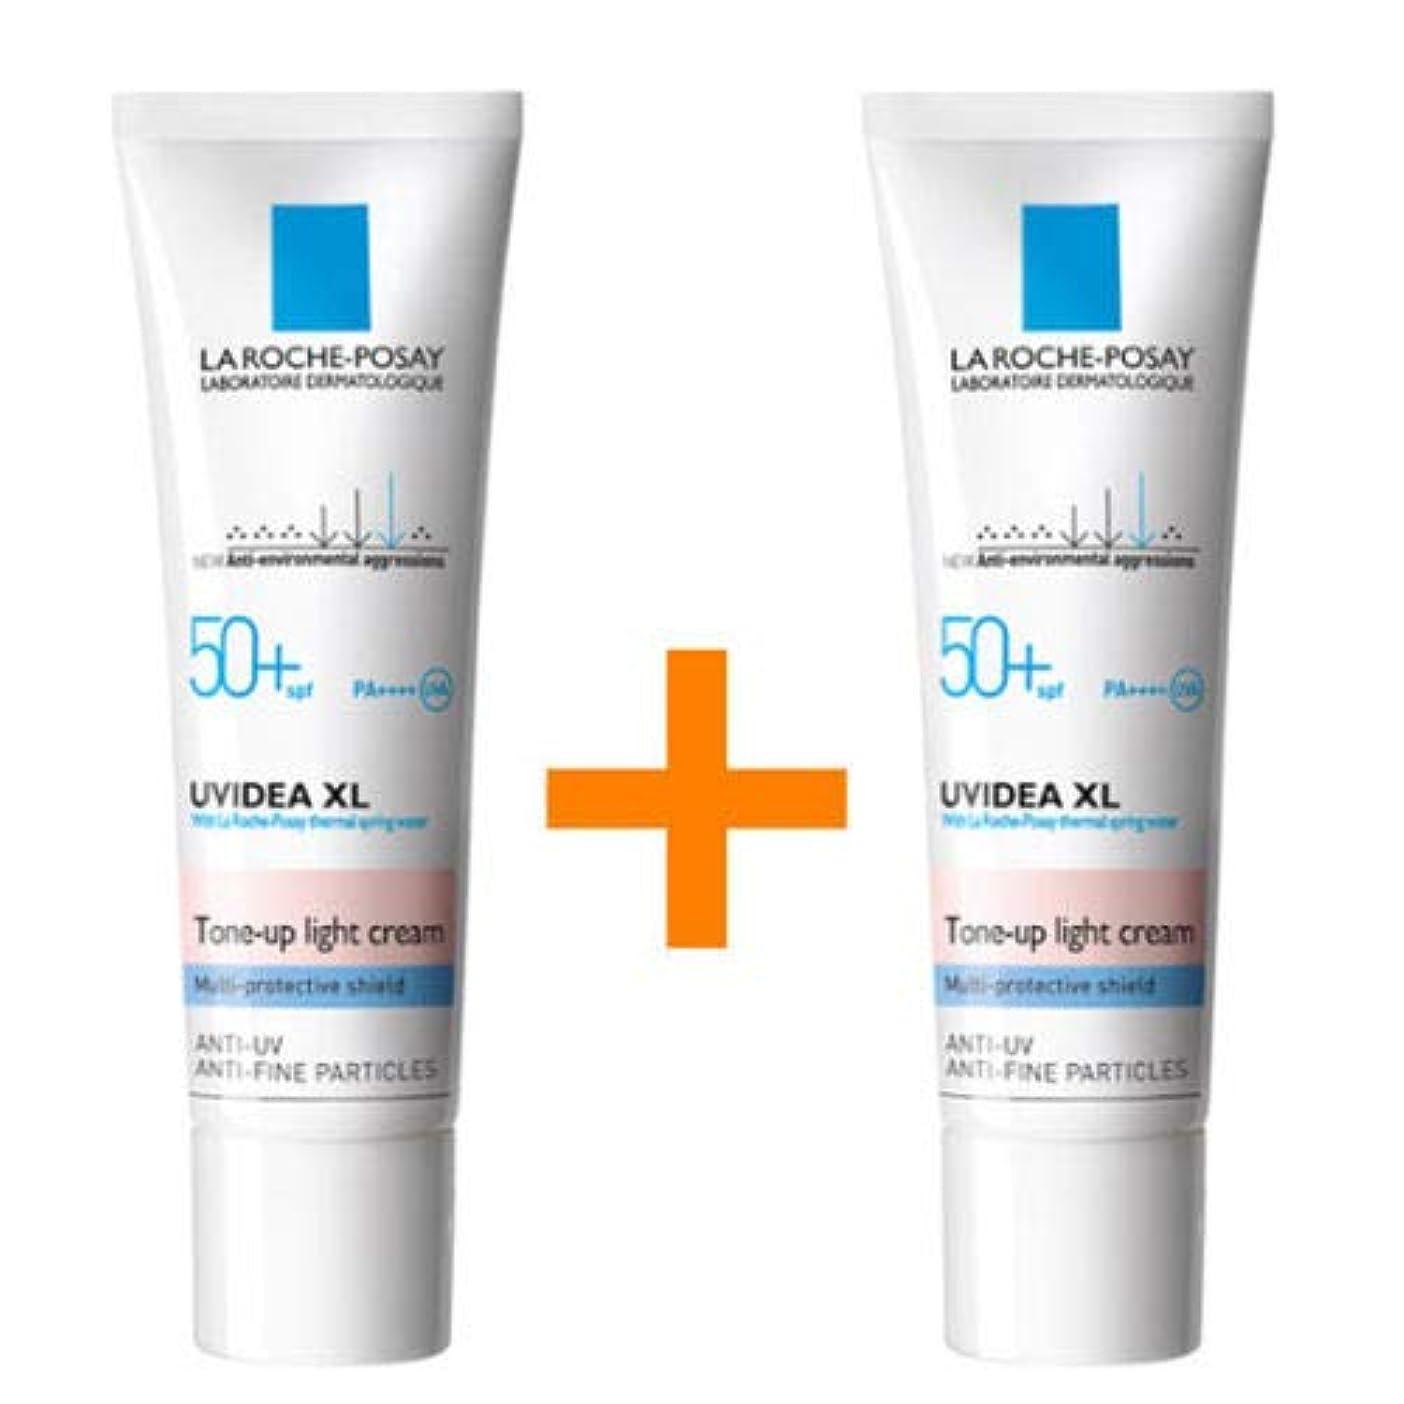 湿った中央寝る[1+1] La Roche-Posay ラロッシュポゼ UVイデア XL プロテクショントーンアップ Uvidea XL Tone-up Light Cream (30ml)